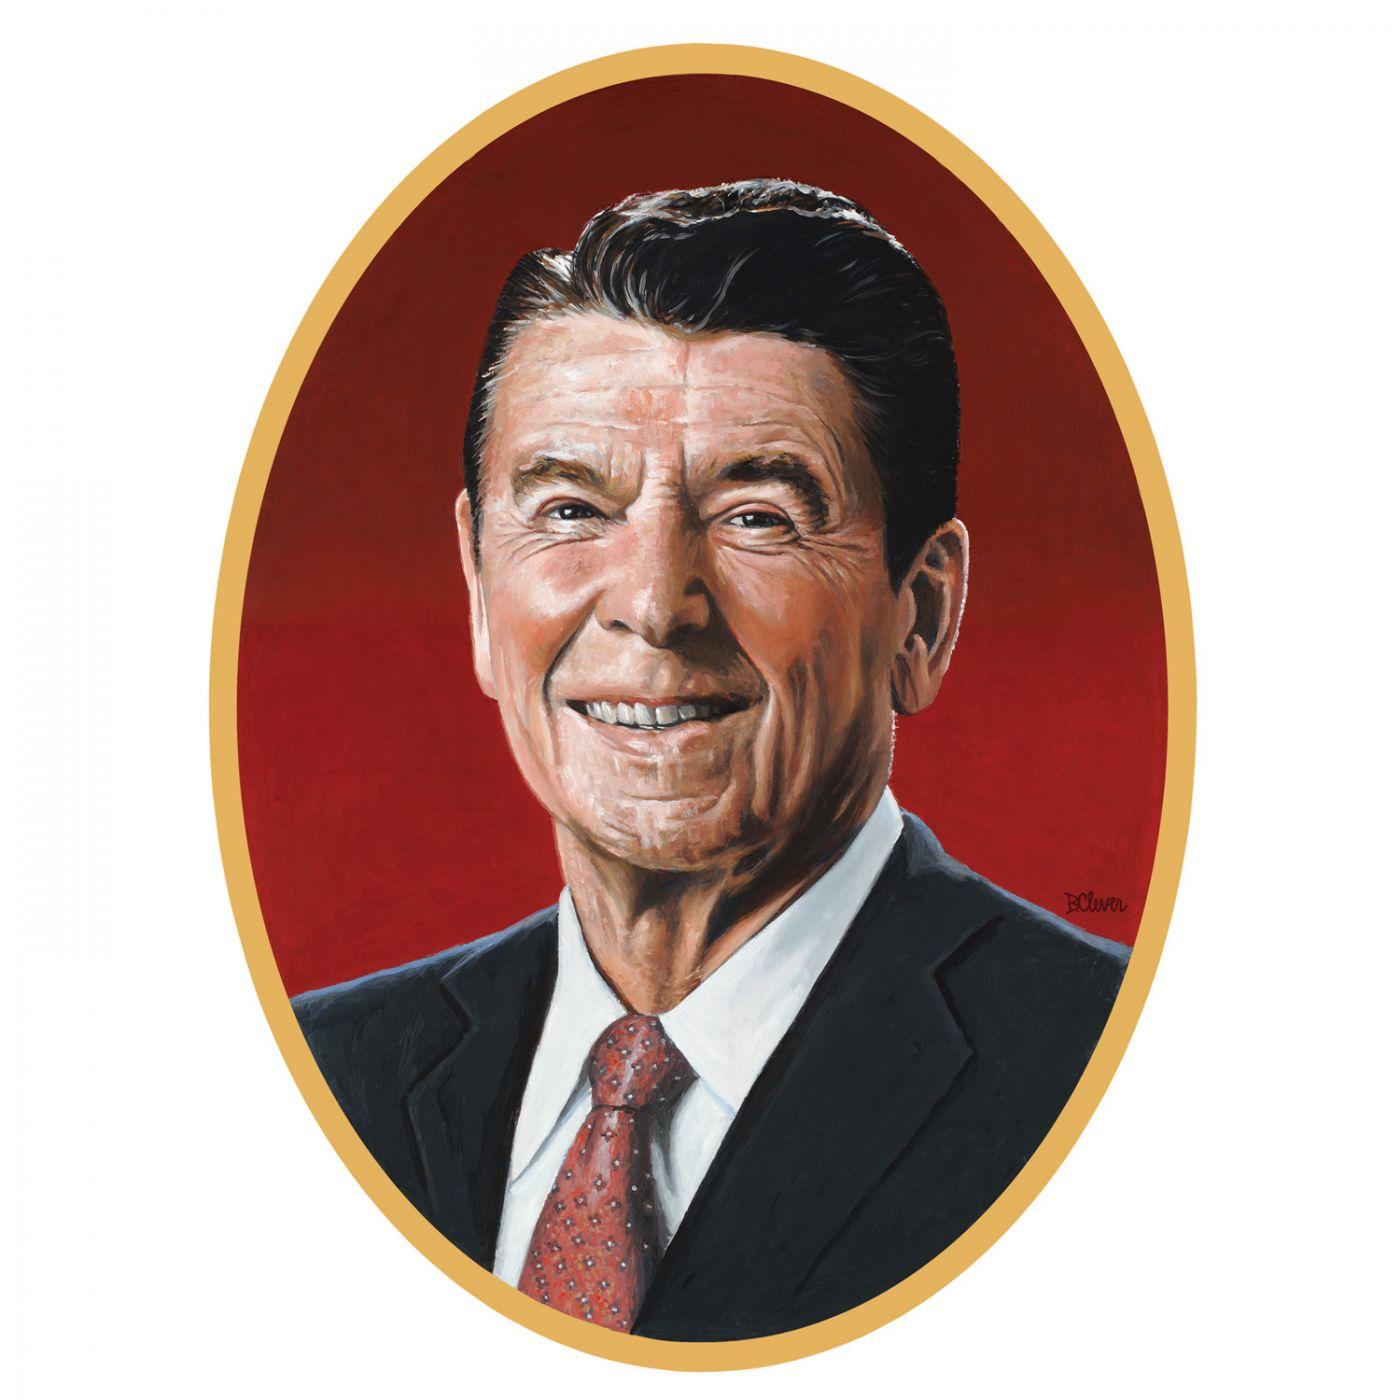 Reagan Cutout image